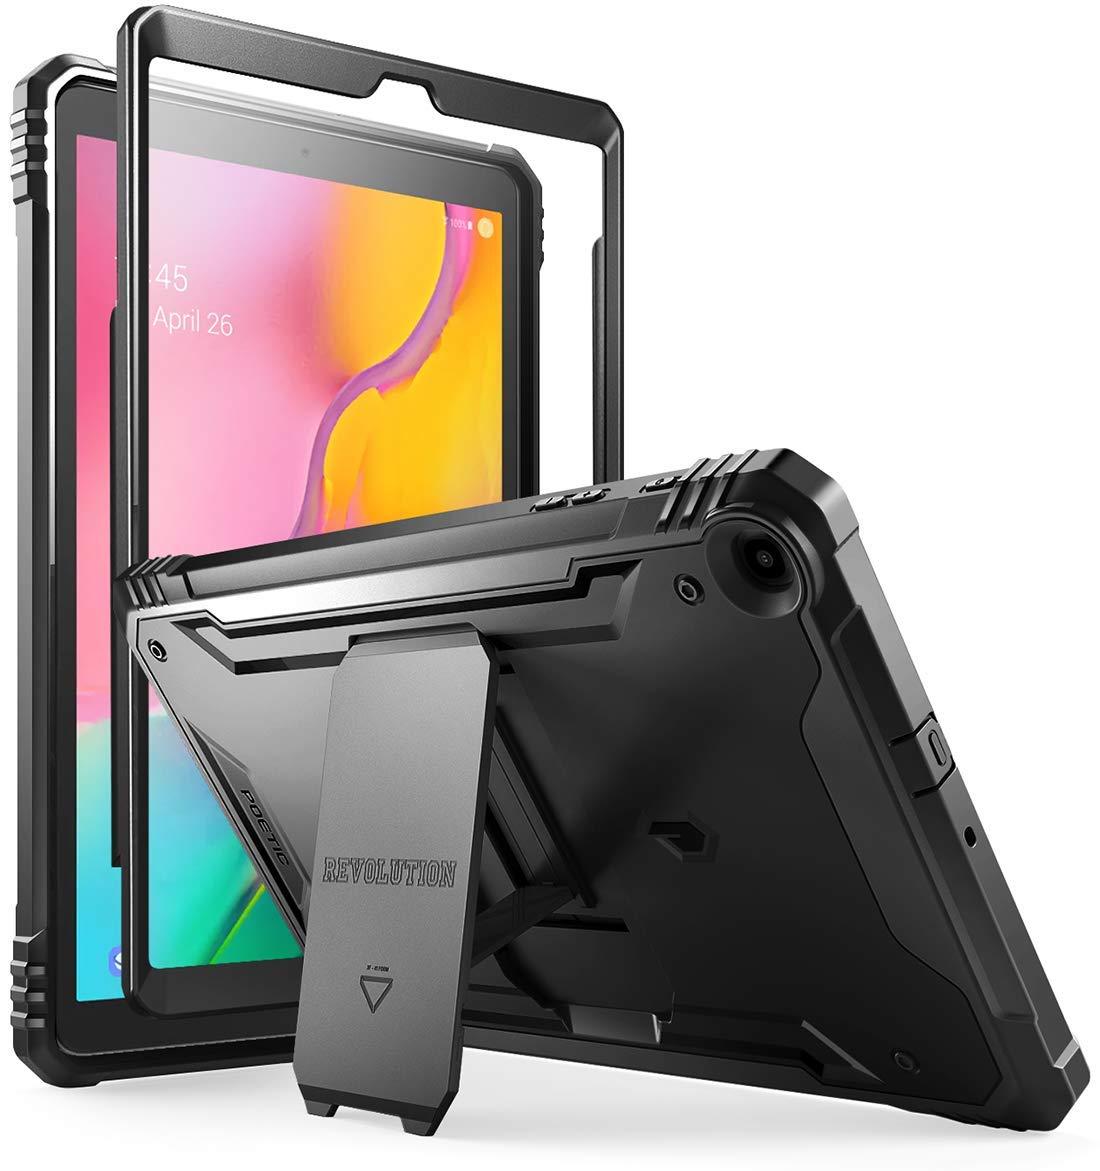 Funda Samsung Galaxy Tab A 10.1 SM-T510 (2019) POETIC [7R7XFY9G]